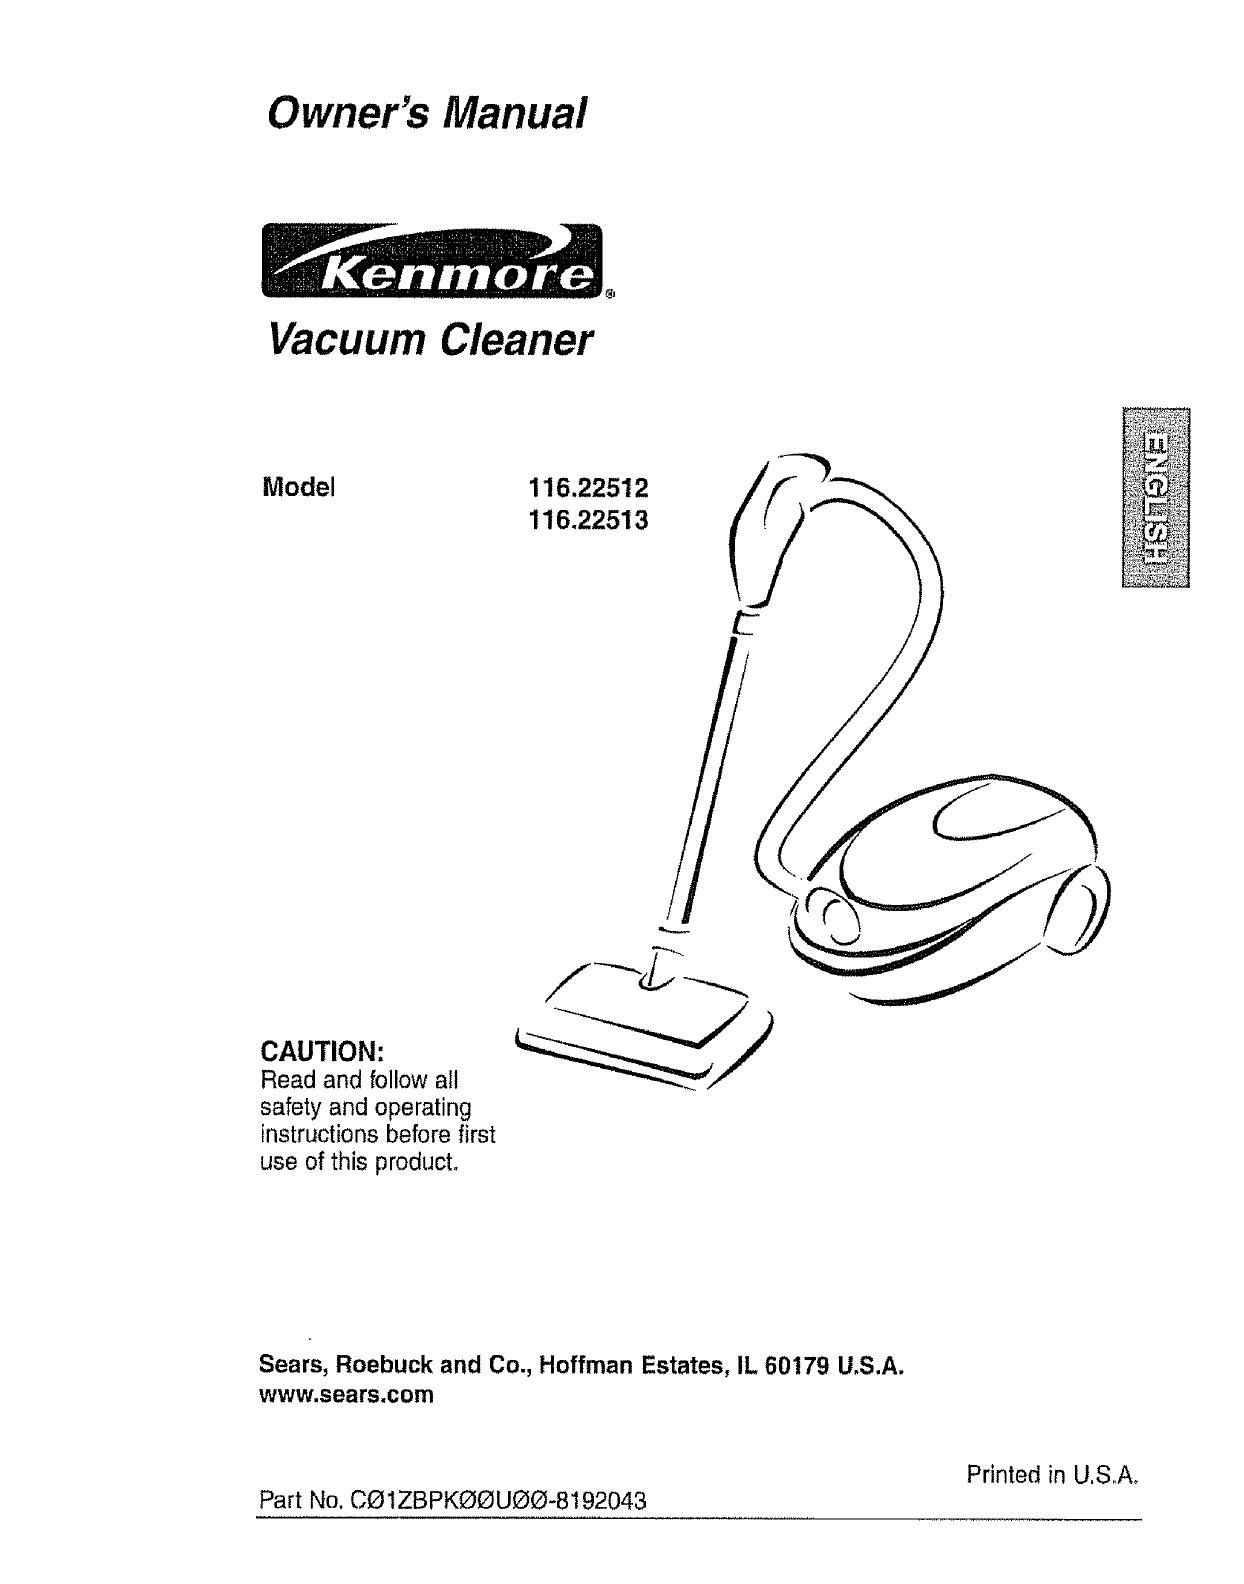 Wiring Diagram For Kenmore Vacuum Cleaner Electrical Diagrams Sears Repair Manuals Data U2022 Irobot Roomba